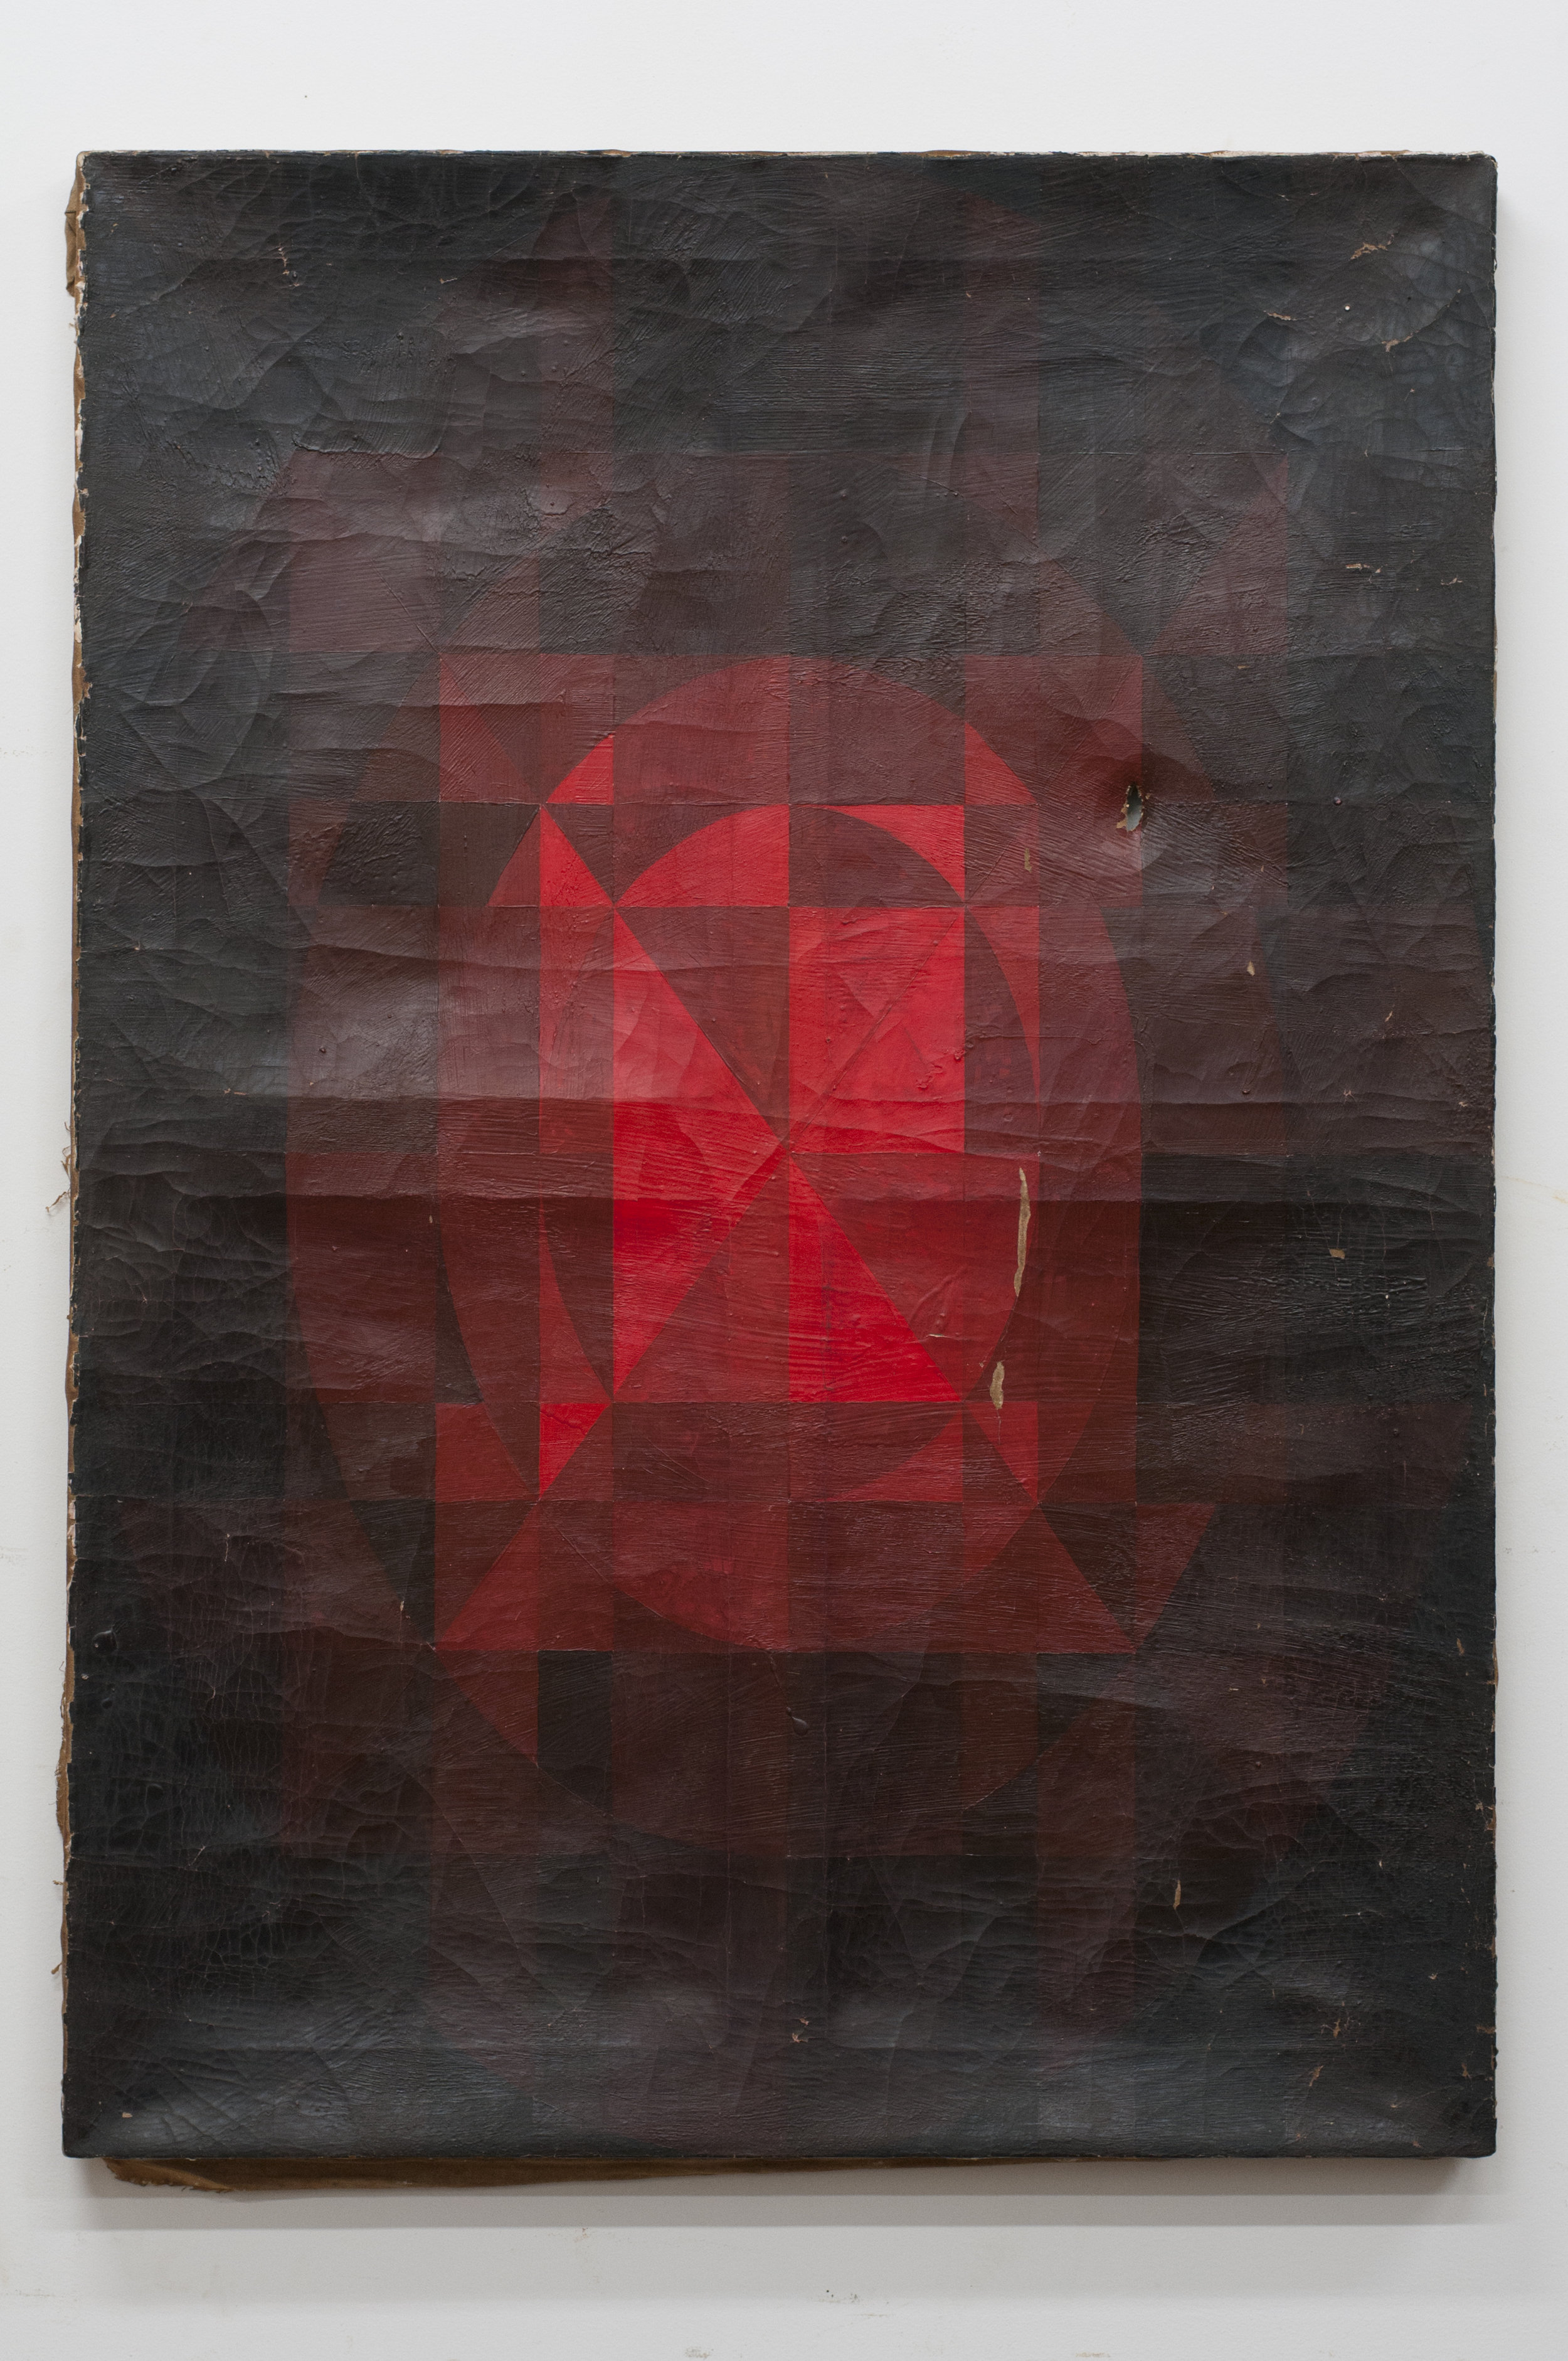 Dan Levenson, Bettina Braunschweiler, 2017 oil on linen 84 x 119,5 cm - 33 1/8 x 47 inches